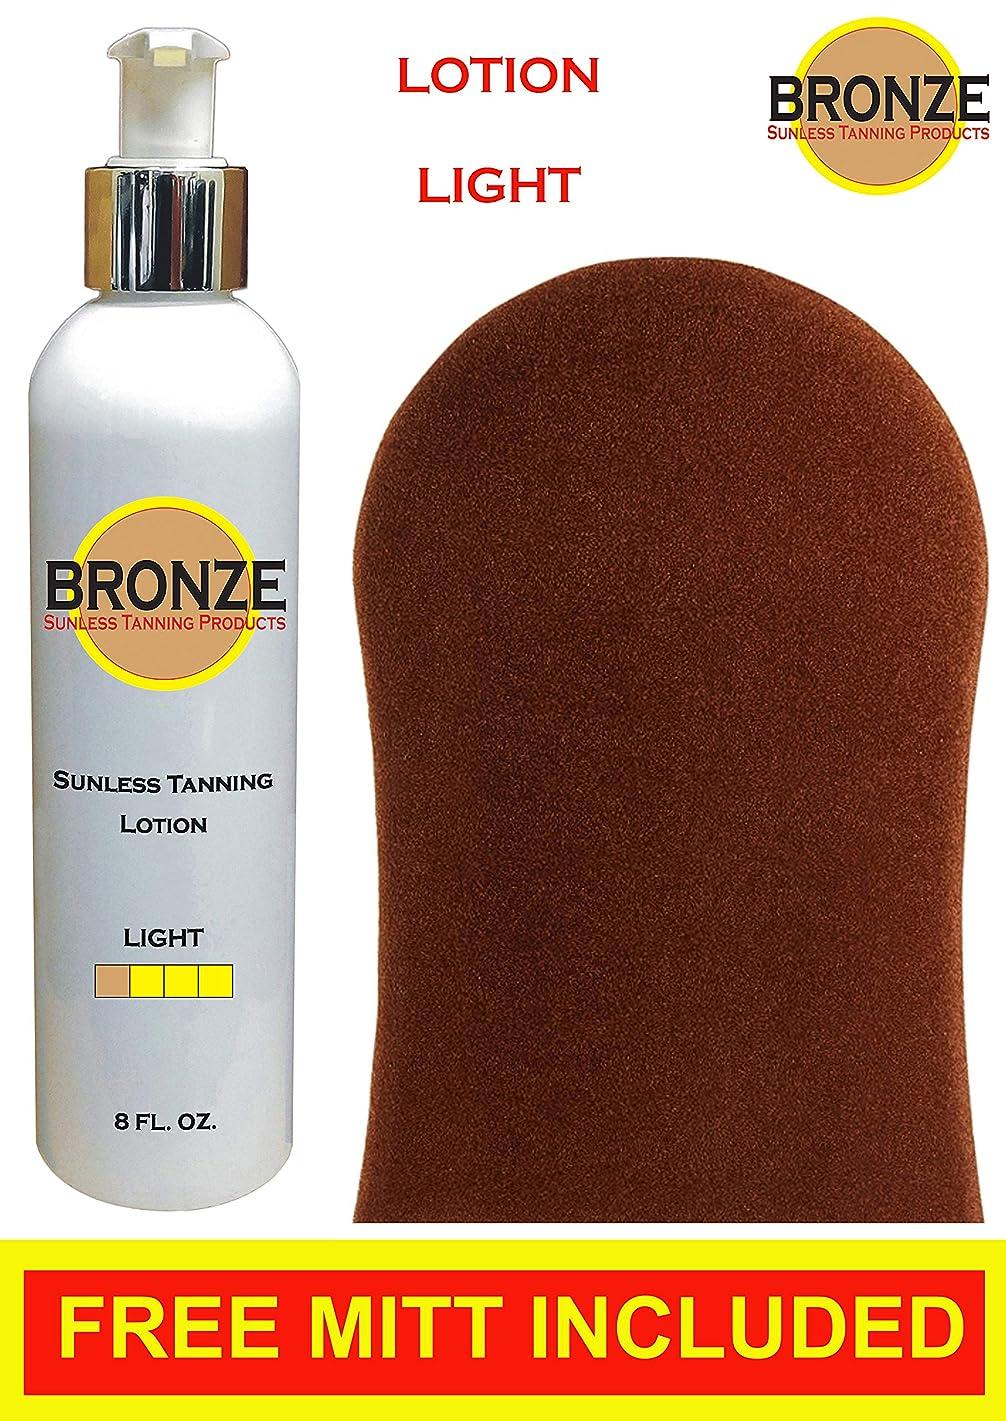 BRONZE- 无日晒润肤乳 - 浅 - 226.8 克 + 免费手套和手套 + 最好的无日晒自发乳样 - 天然成分,深金棕褐色,速干,持续 7-10 天